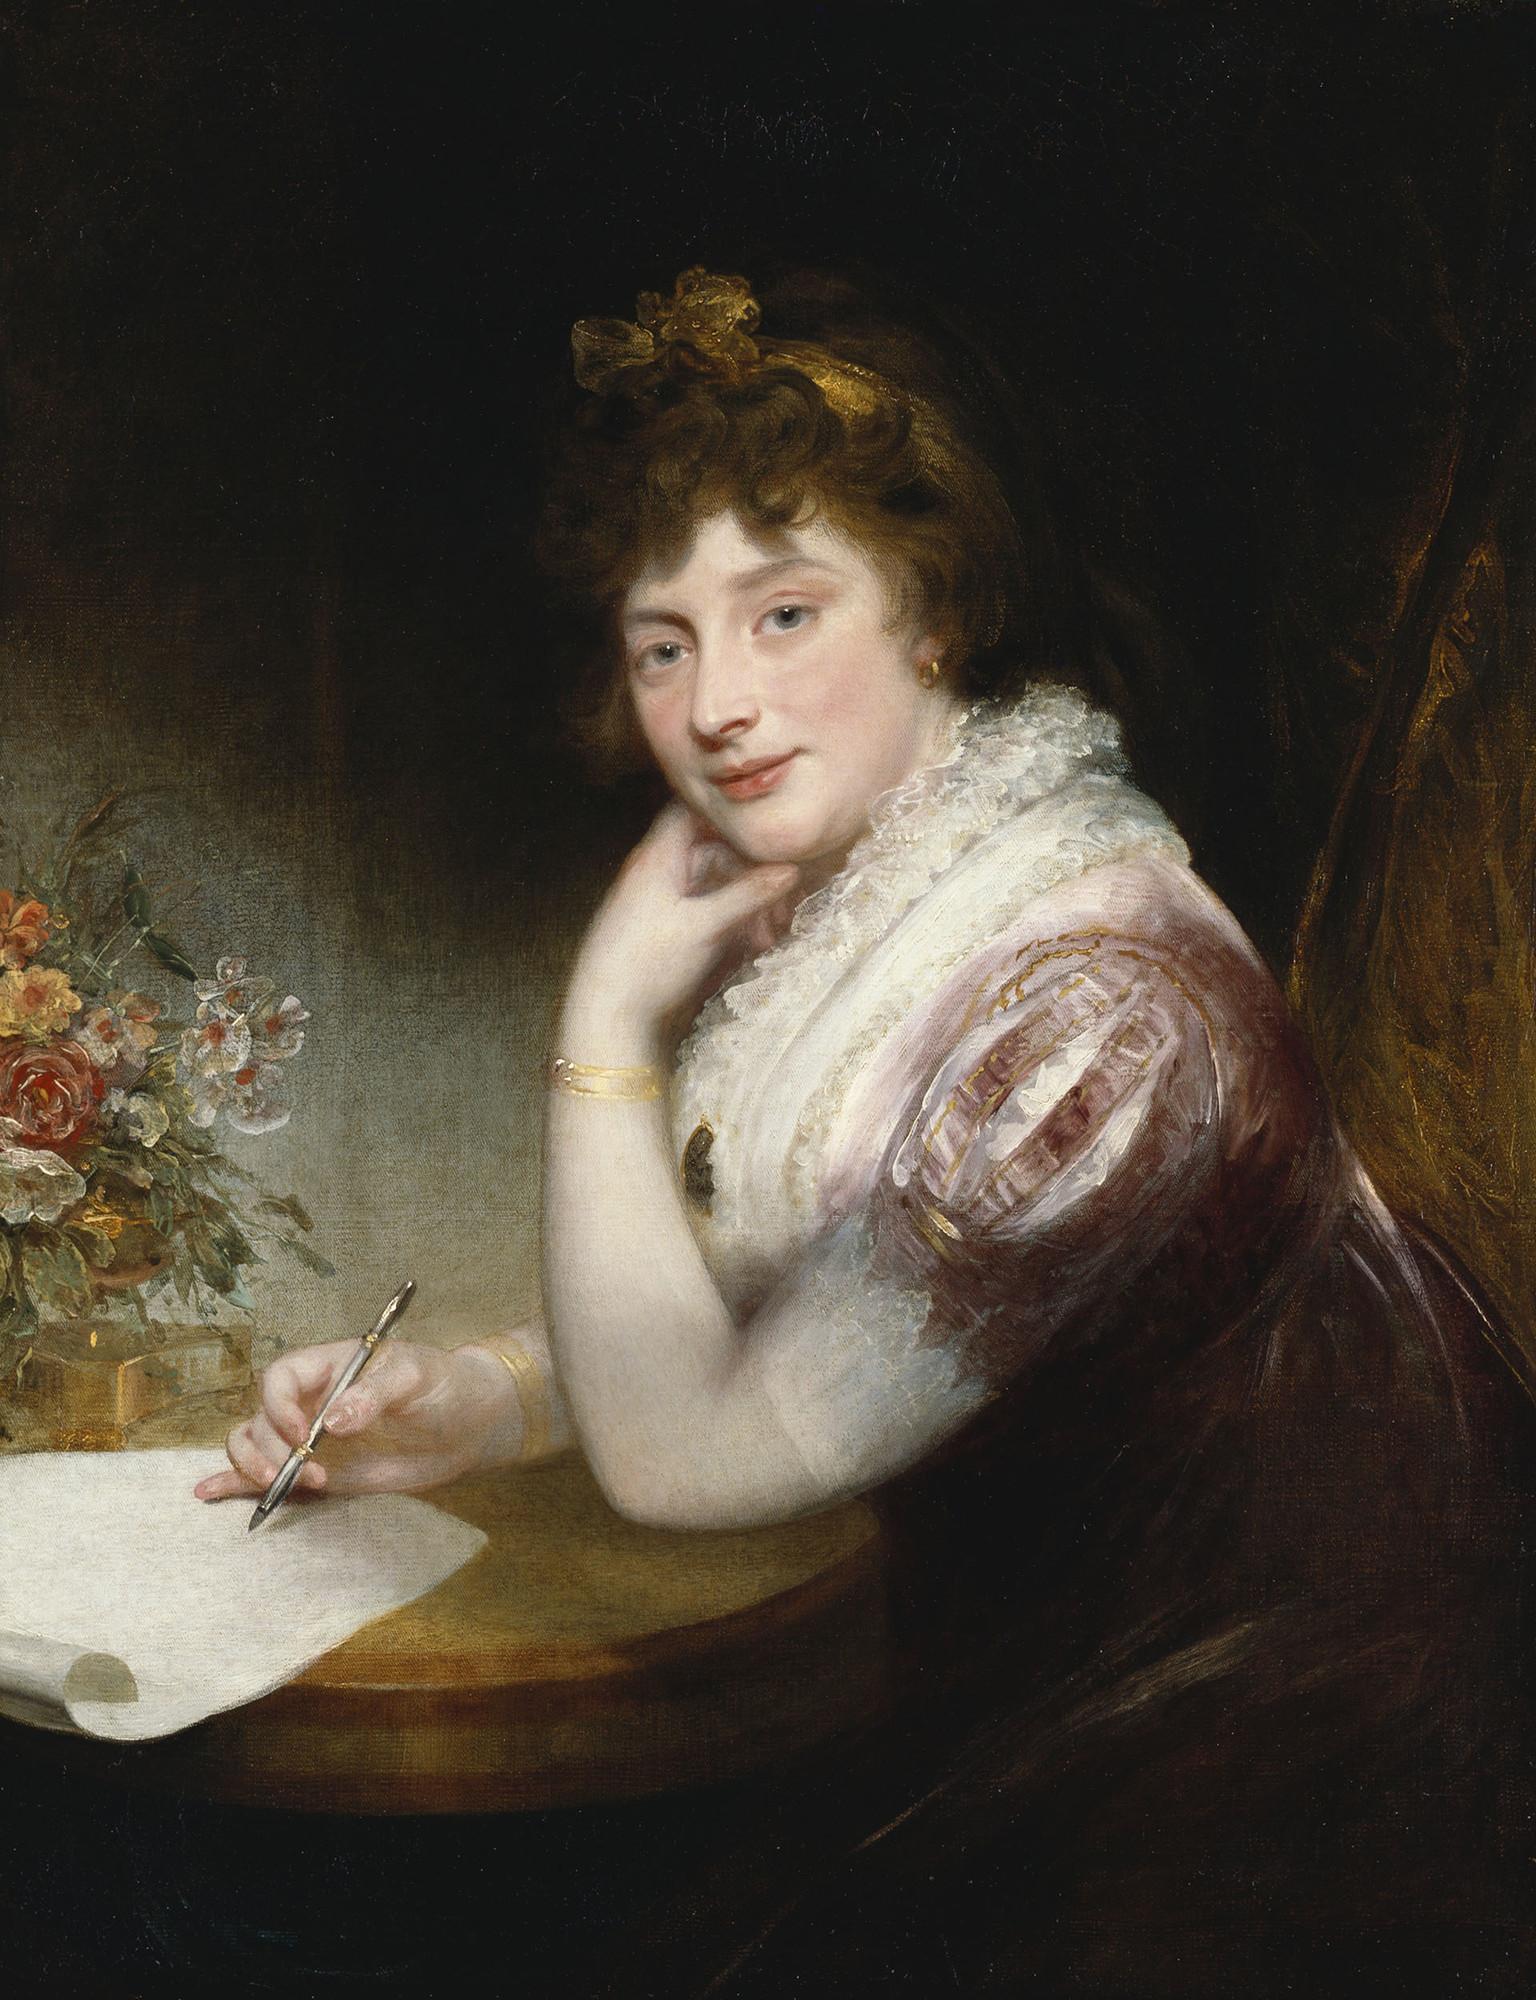 Princess Elizabeth Daughter Of King George Iii Of The